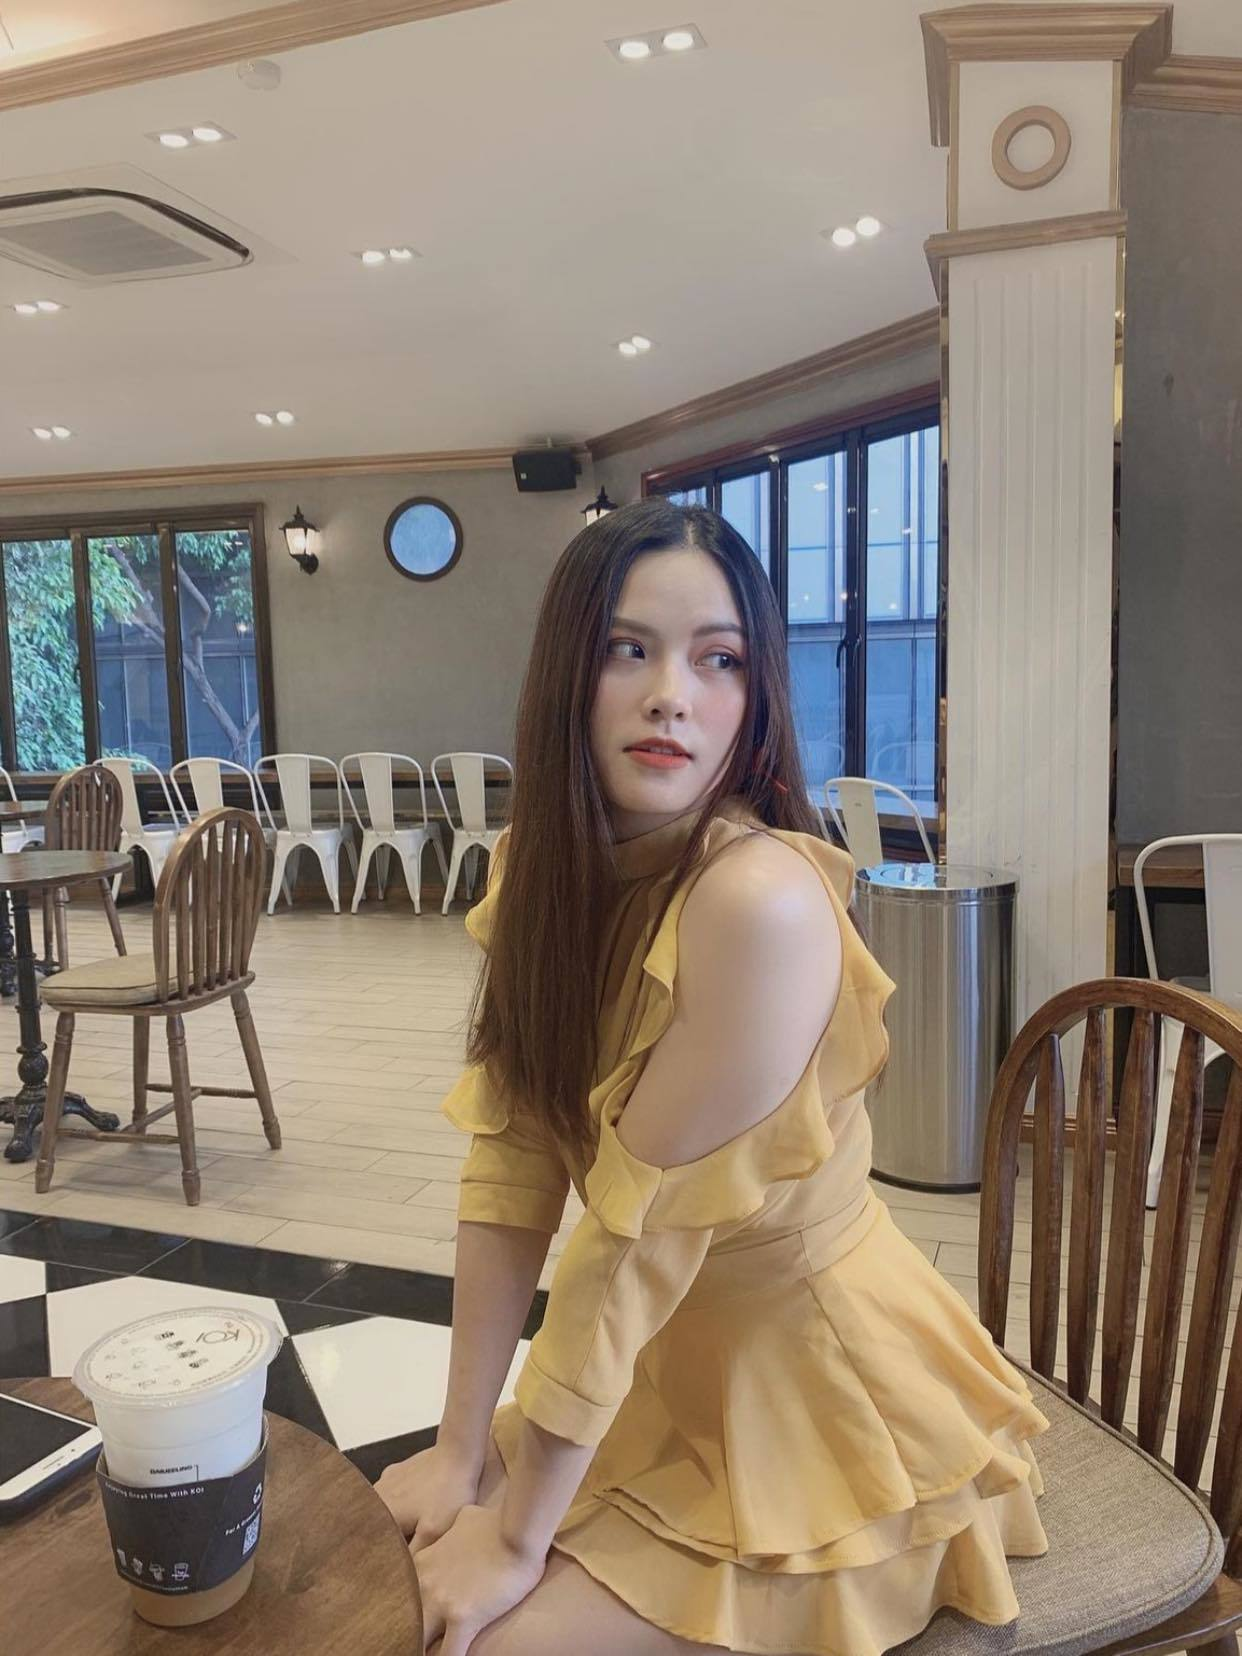 Ánh Tuyết,Hương vị tình thân,Hương vị tình thân phần 2,diễn viên,đổi vai